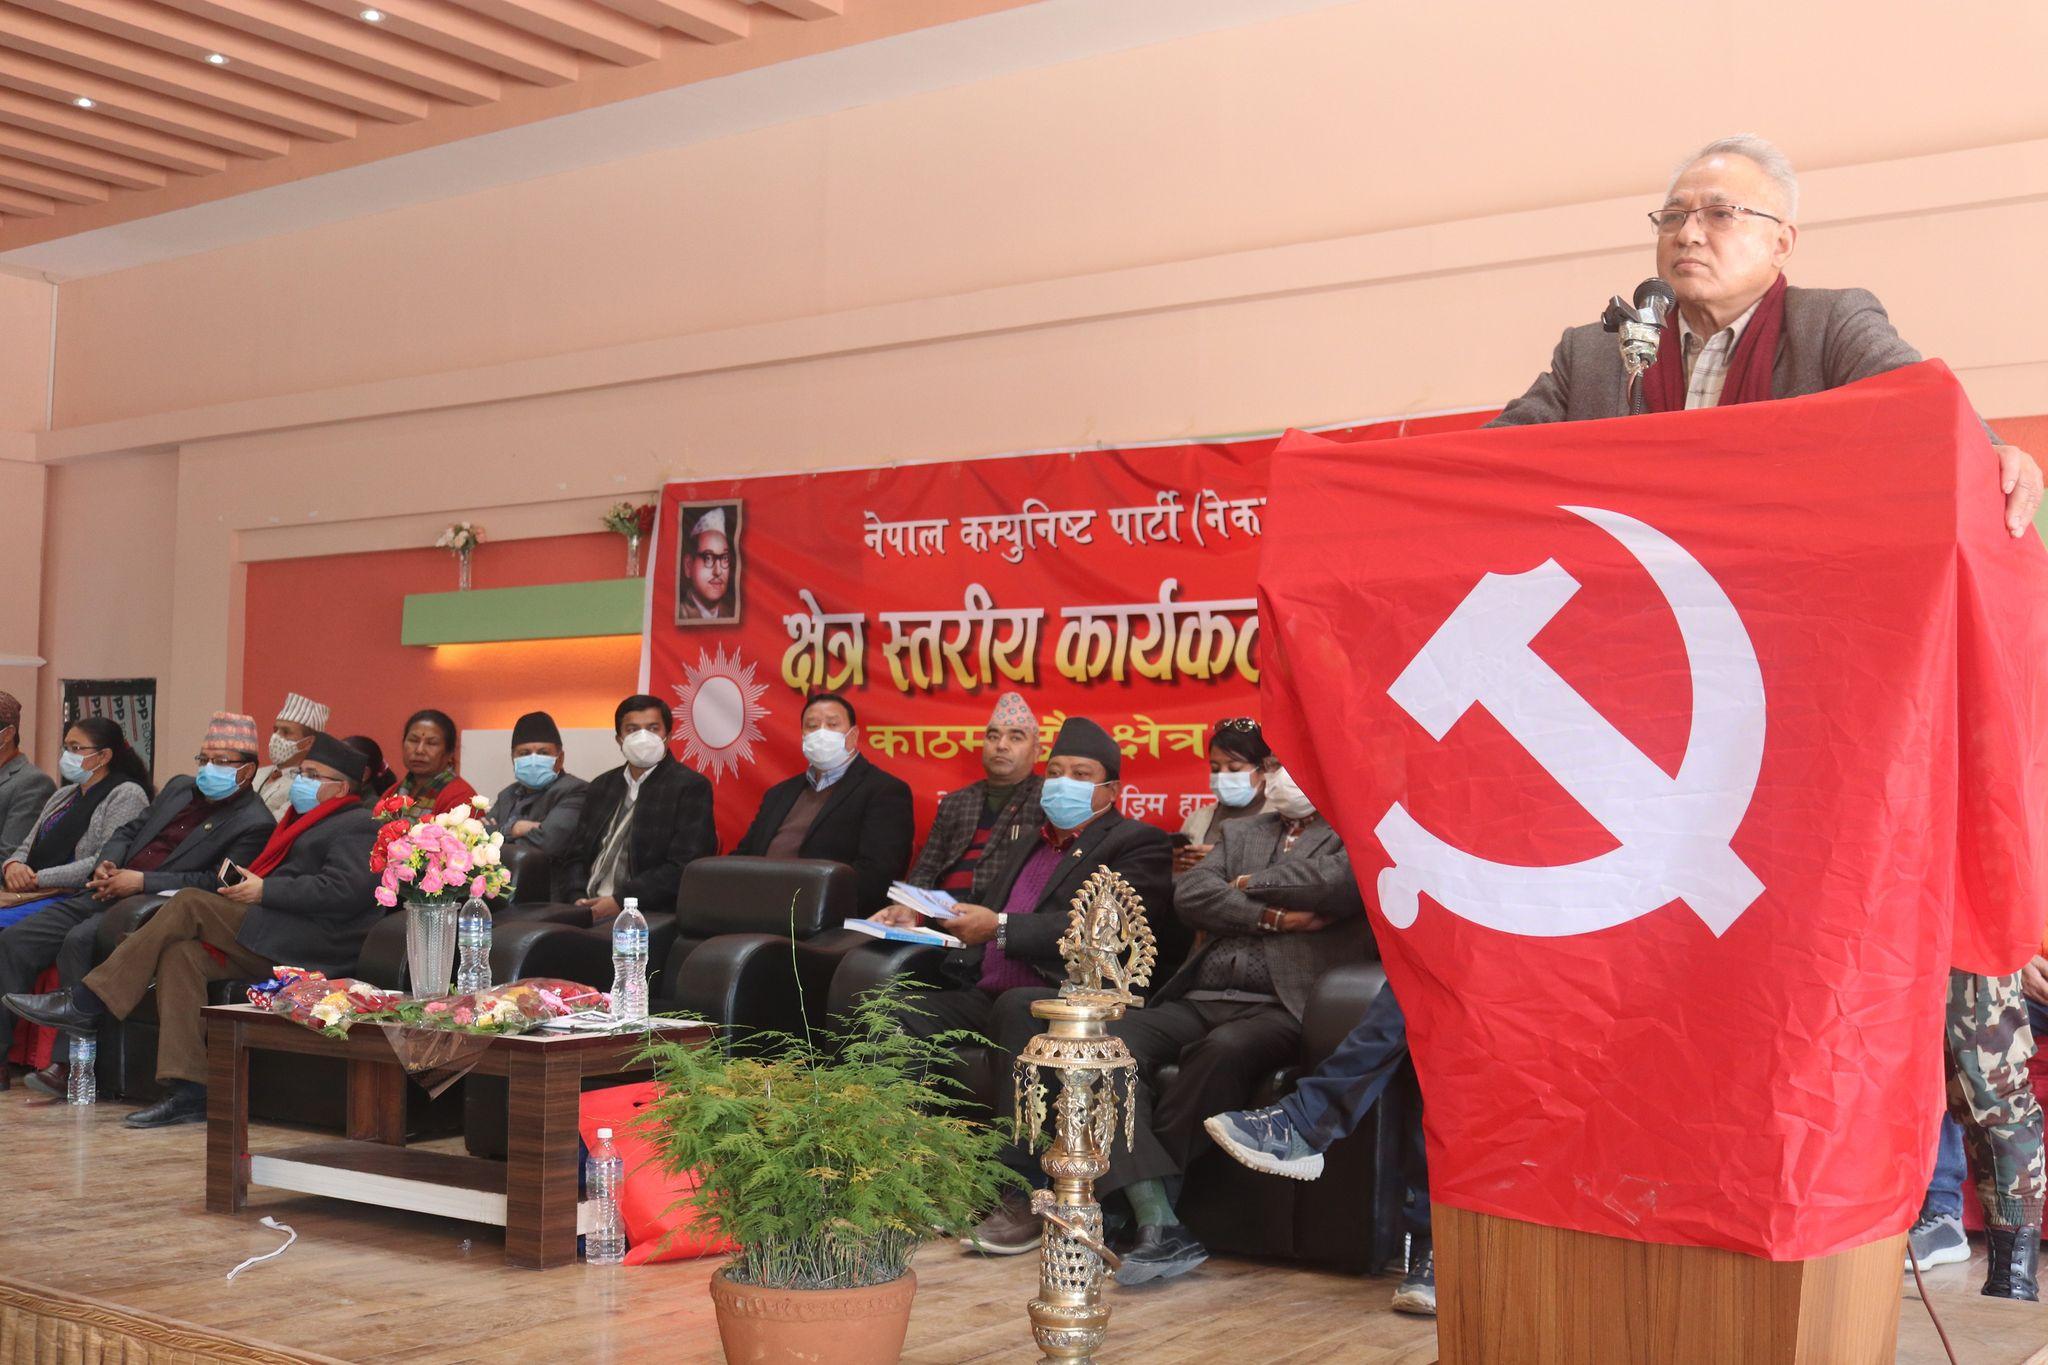 नेपाल कम्युनिष्ट पार्टी नेकपा काठमाडौँ ३ क्षेत्र स्तरीय कार्यकर्ता भेला सम्पन्न ( फोटो फिचर )